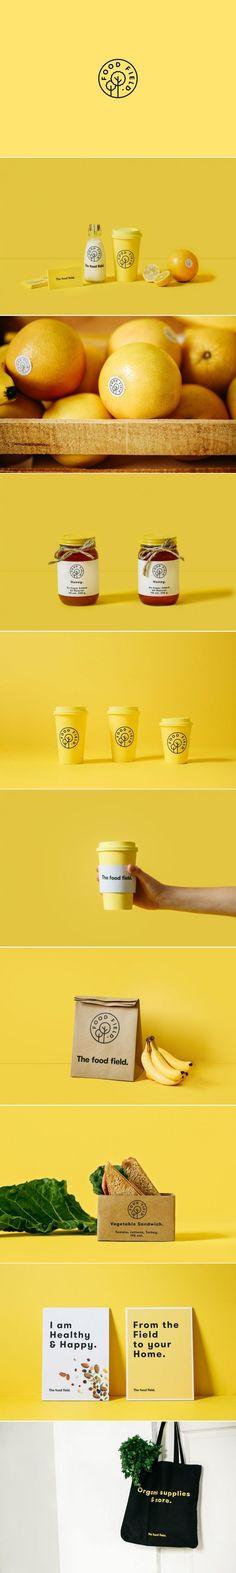 The Food Field — The Dieline - Branding & Packaging Design